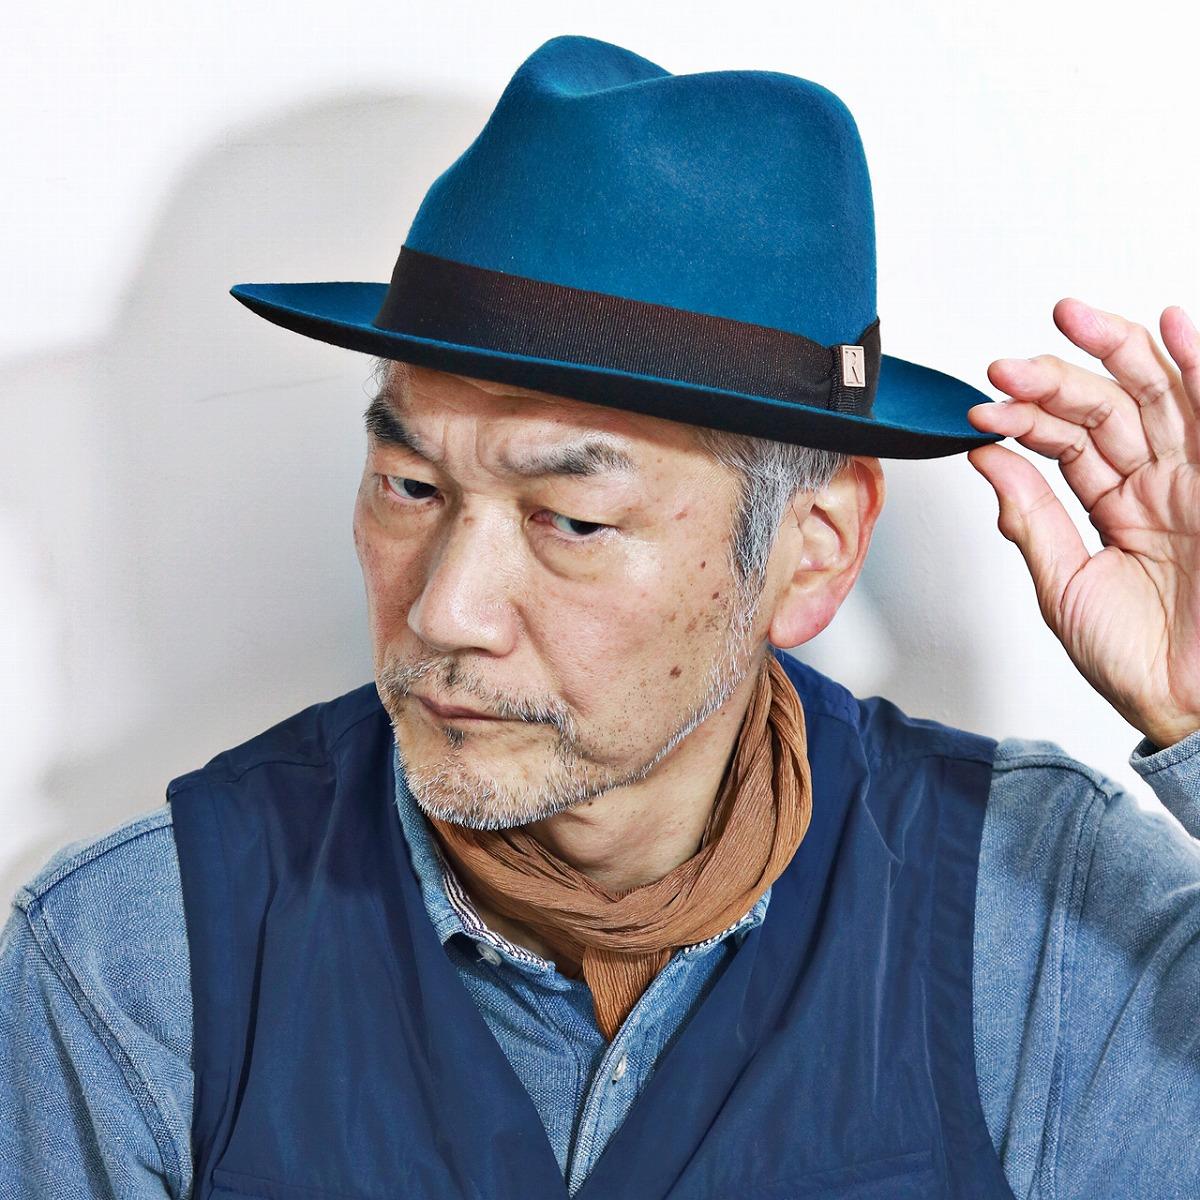 フェルトハット 秋 冬 REGALIS レガリス 中折れハット 中折れ 帽子 メンズ ウール メンズ レディース [ fedora ] 青 ブルー